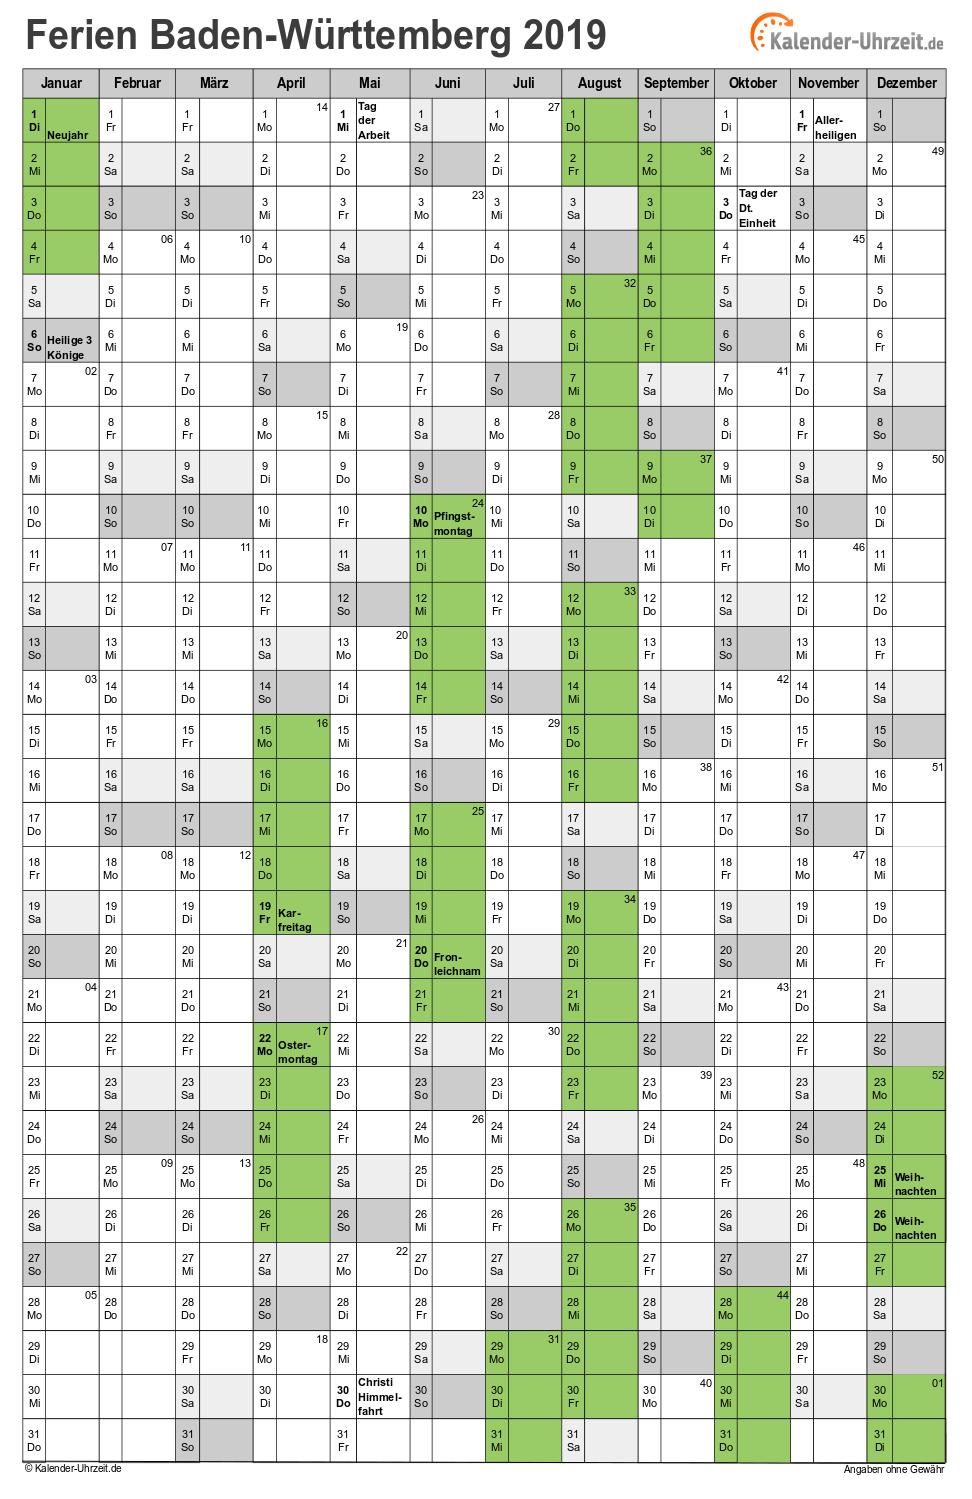 Ferien Baden-Württemberg 2019 - Ferienkalender zum Ausdrucken